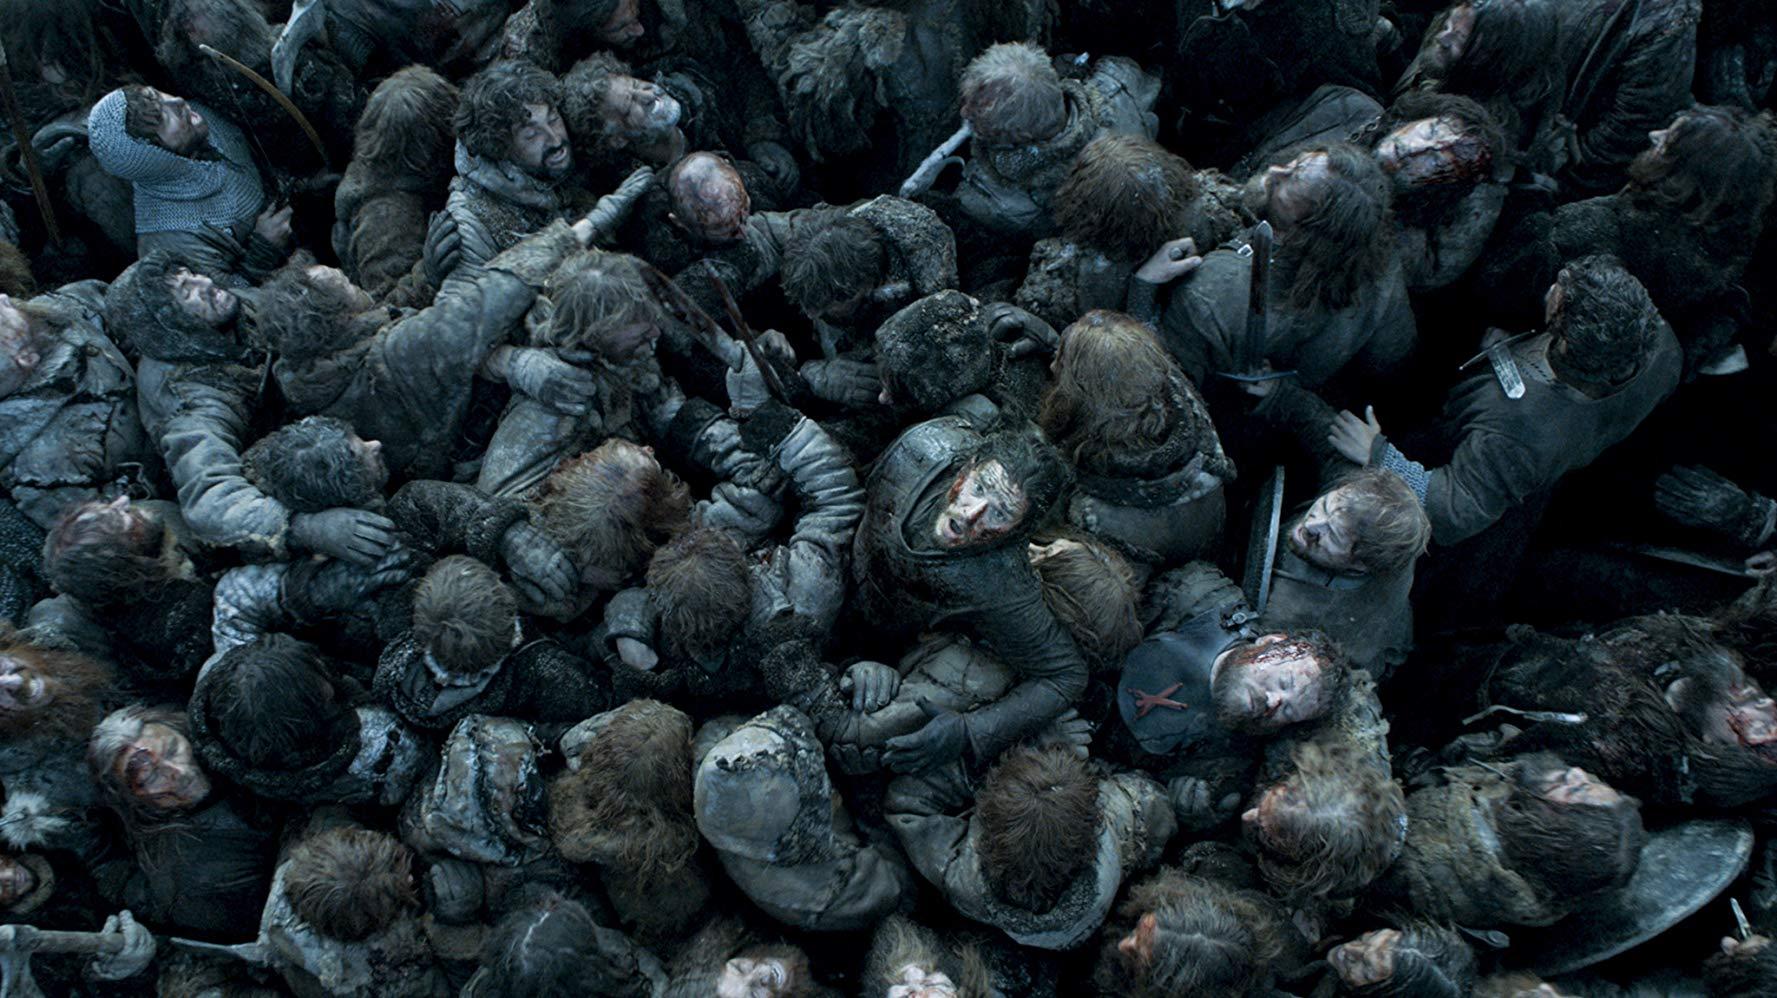 Cena da Batalha dos Bastardos no episódio 9 da temporada 6 de 'Game of Thrones'